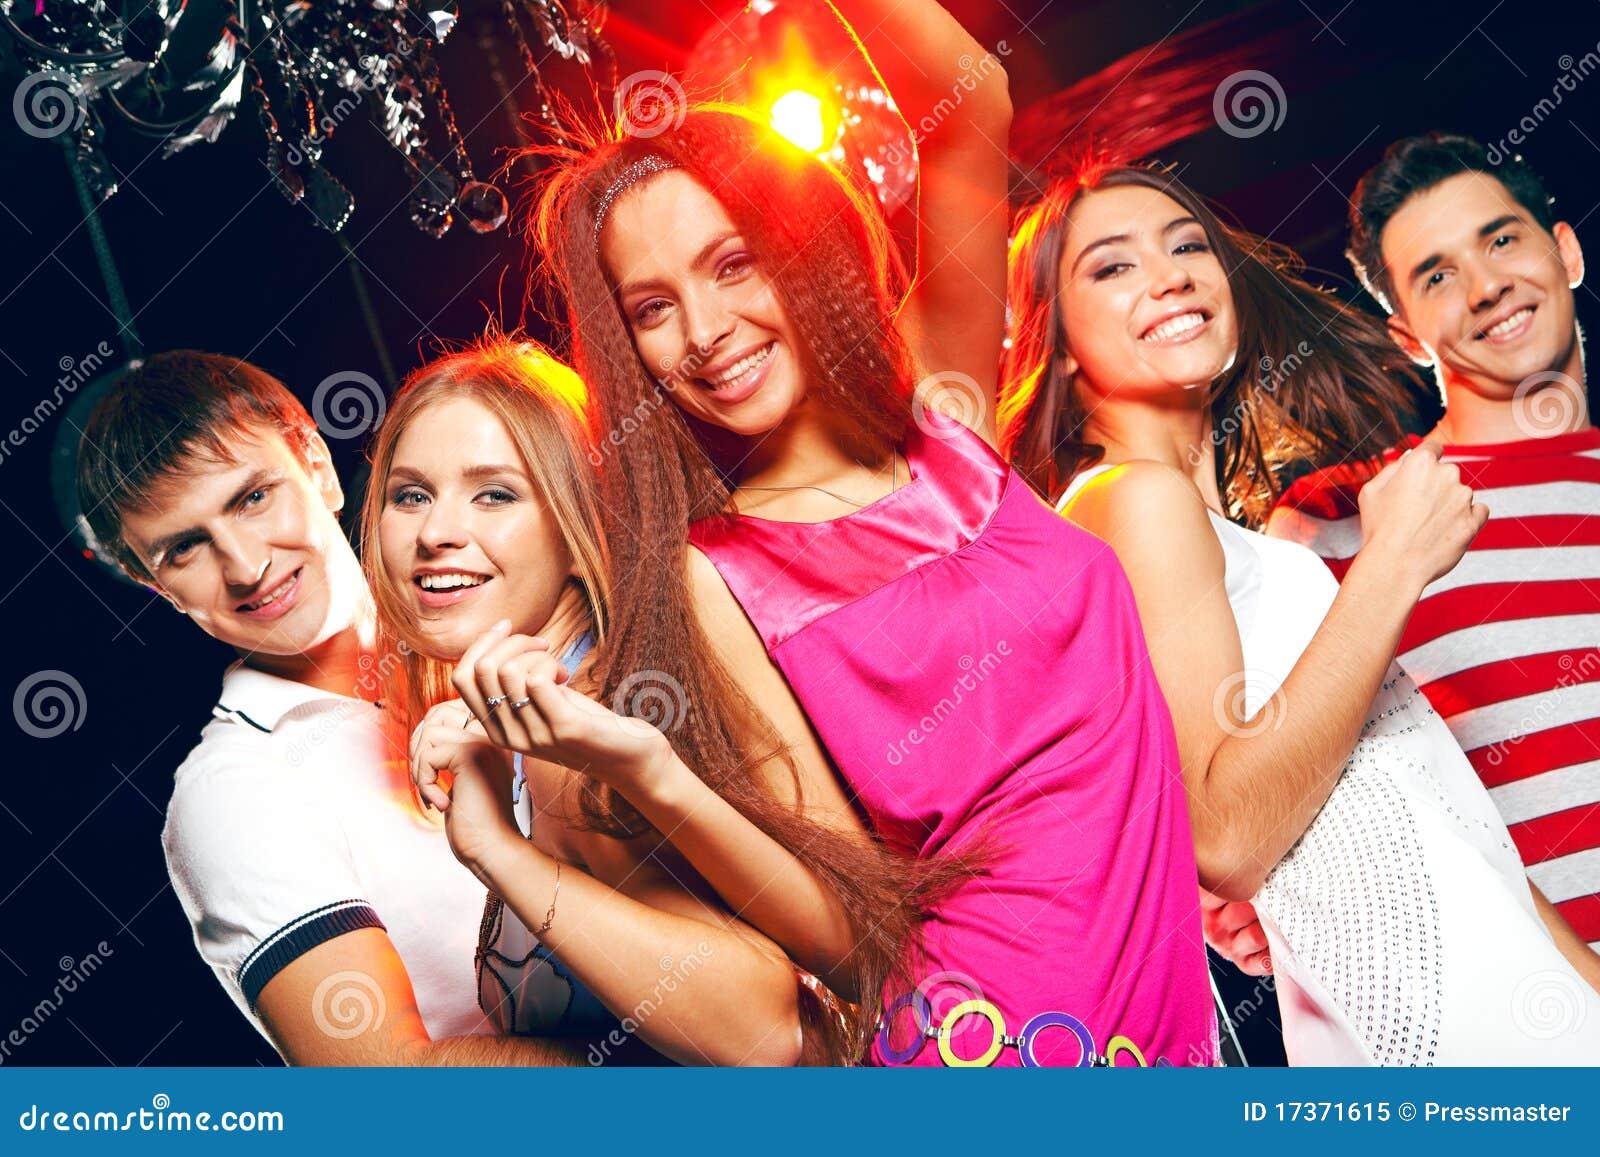 Фото девушек в московских клубах 16 фотография